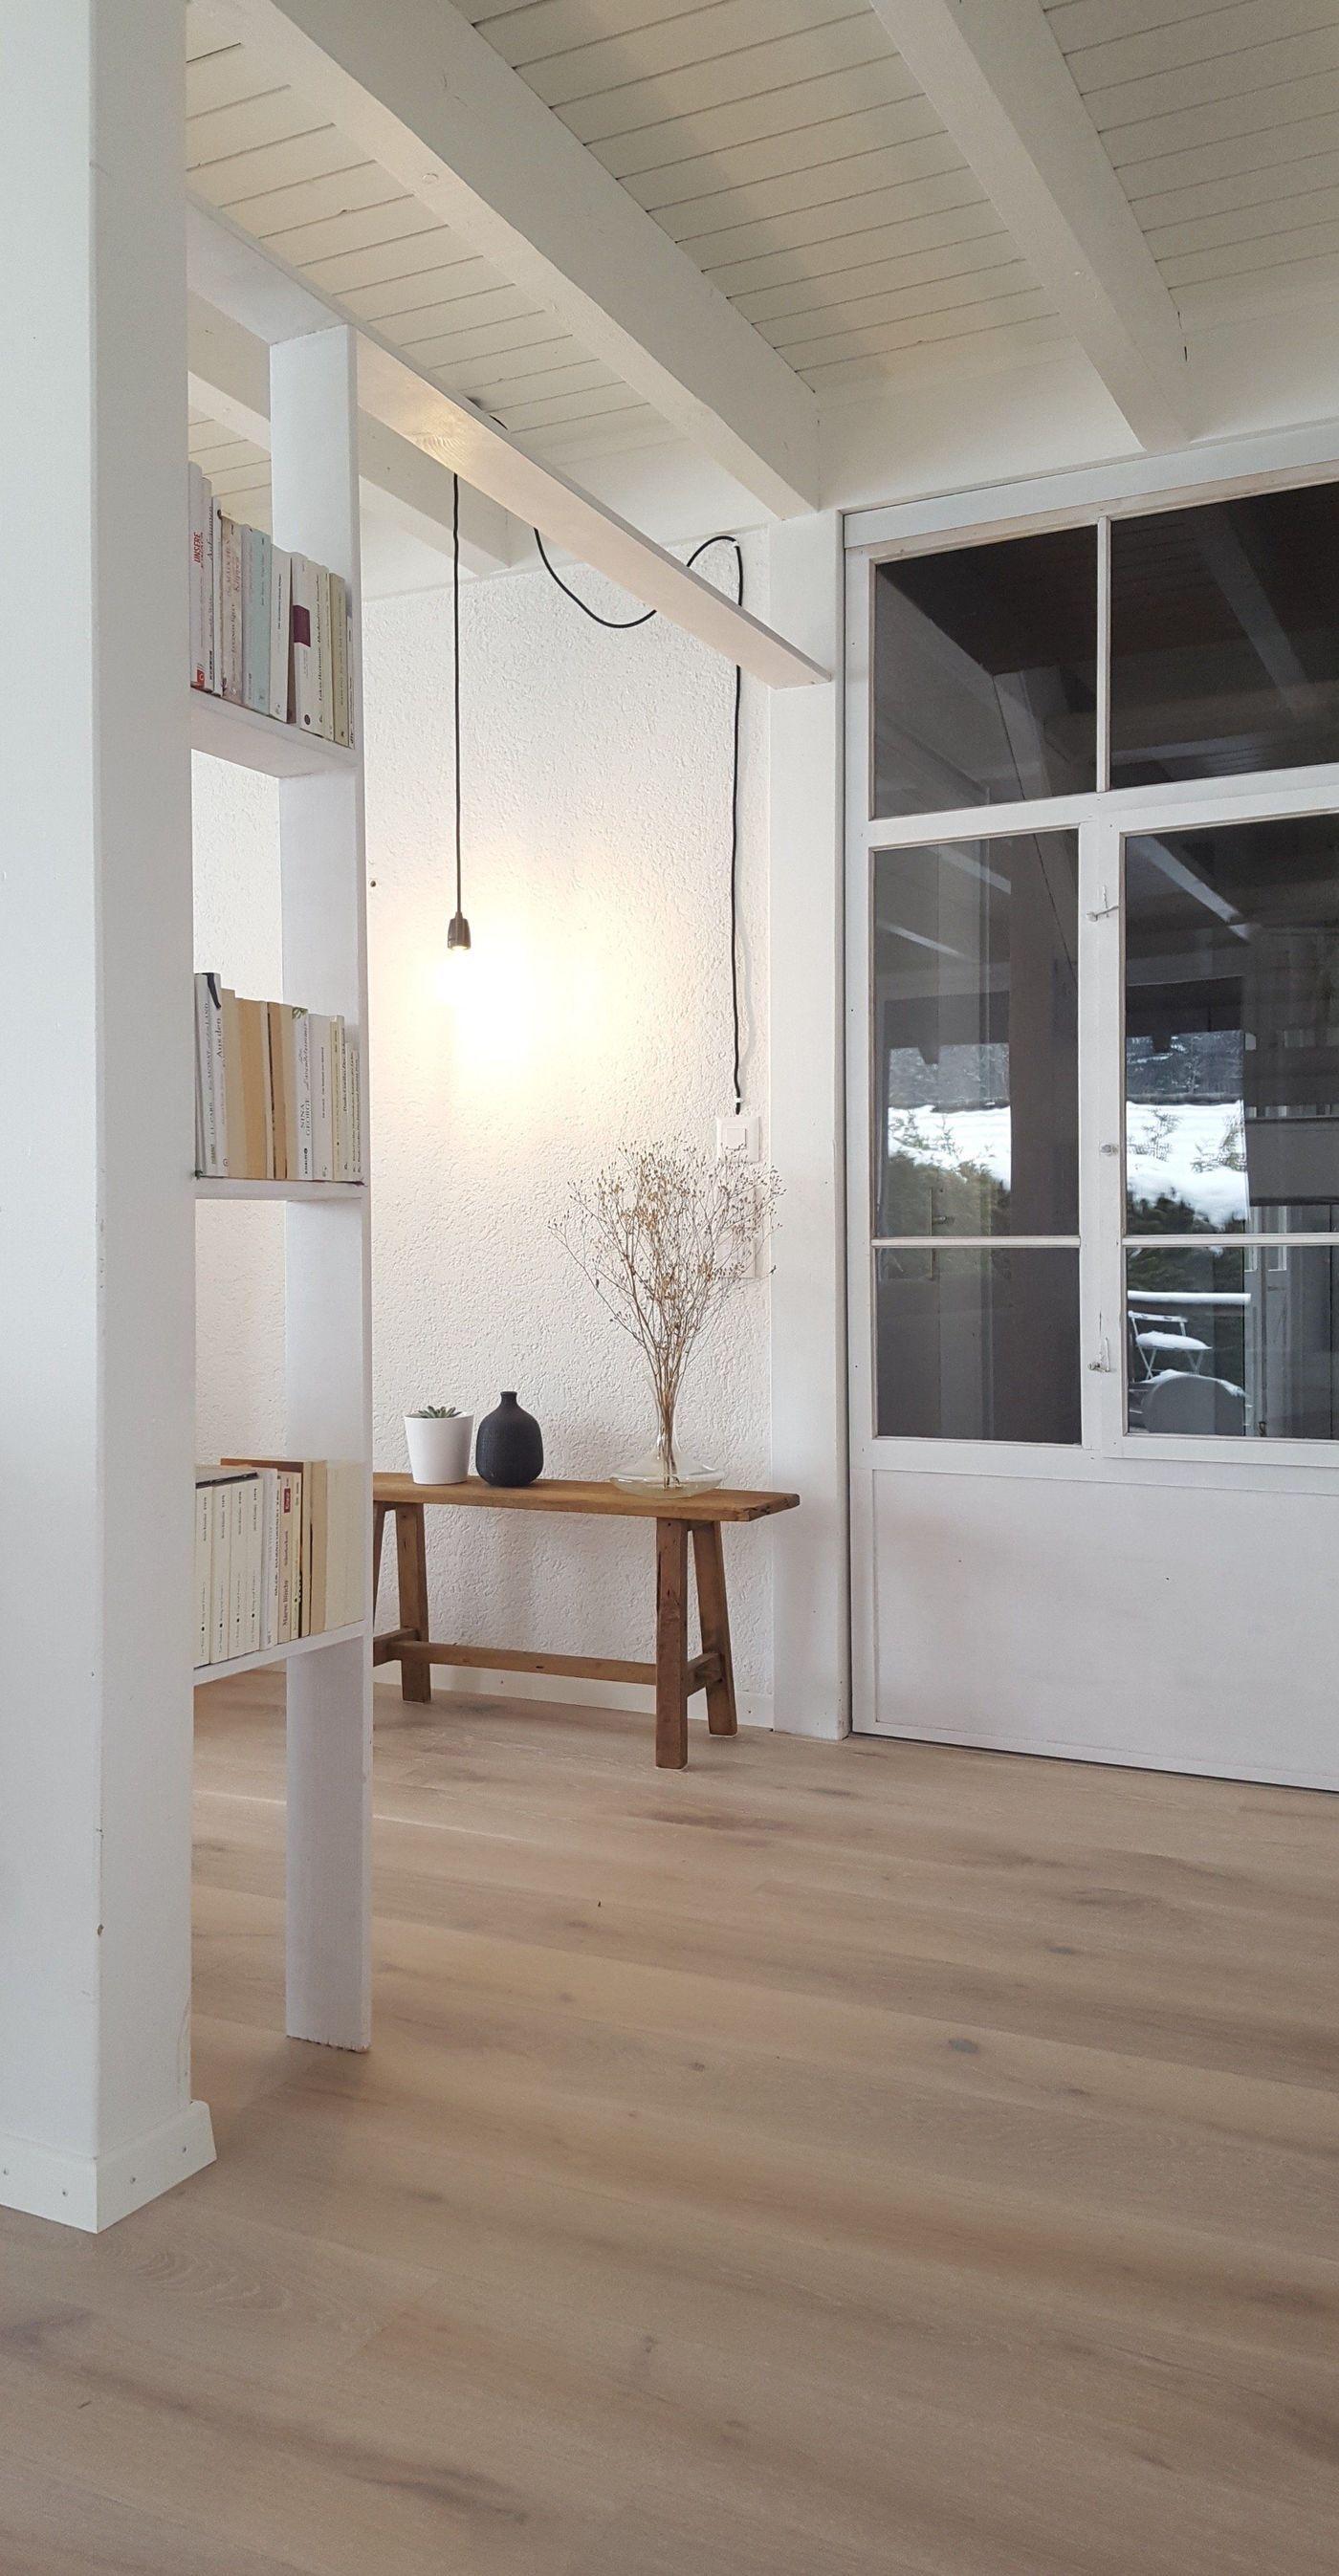 Finde deinen Wohnstil und Einrichtungsstil : Tipps und Ideen - Seite 3